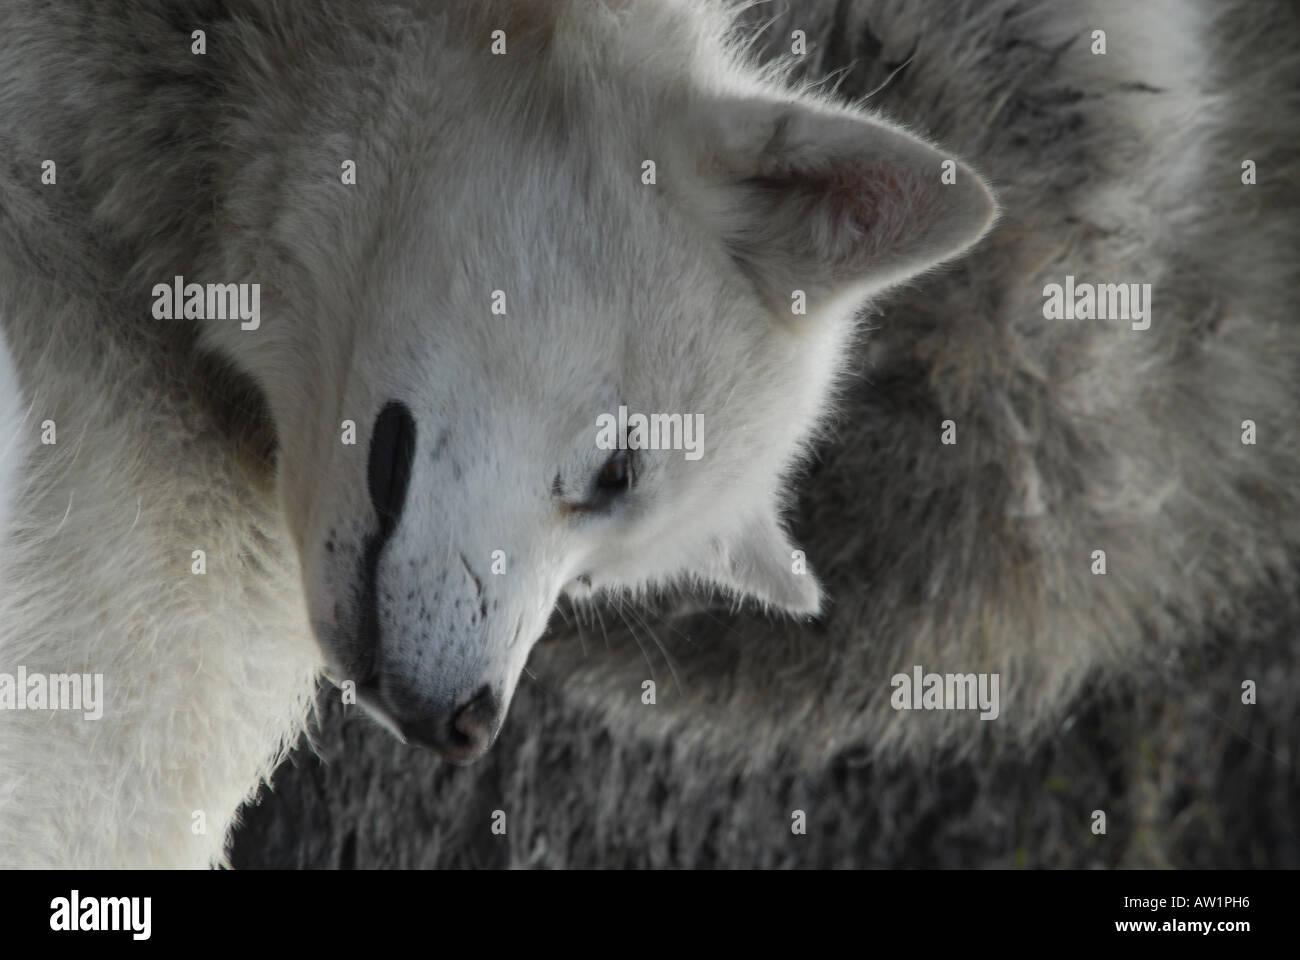 Perro de la isla de Baffin entrada estanque sleeding Alto Ártico Canadá turísticos remotos aislados Senderismo Senderismo la niebla rock rockly lengua Imagen De Stock